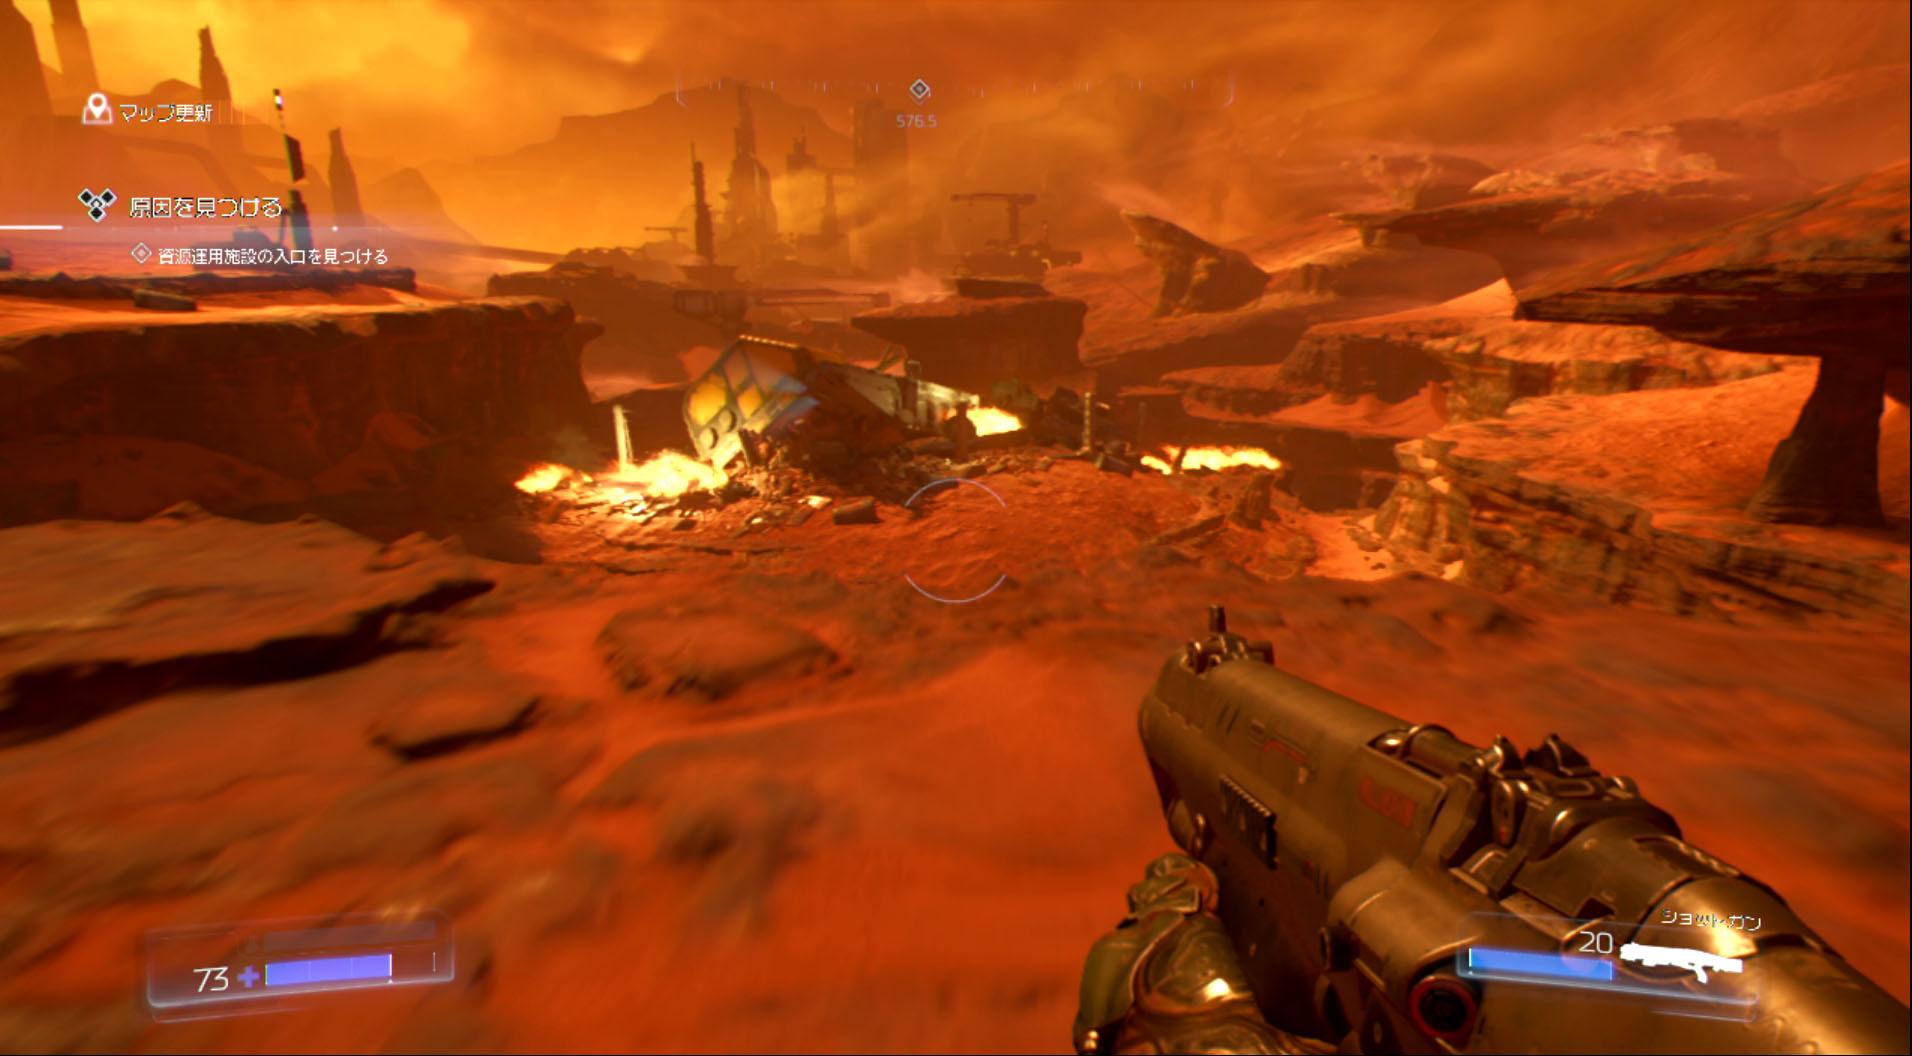 テラフォーミングされた火星の大地。ここが戦いの舞台だ